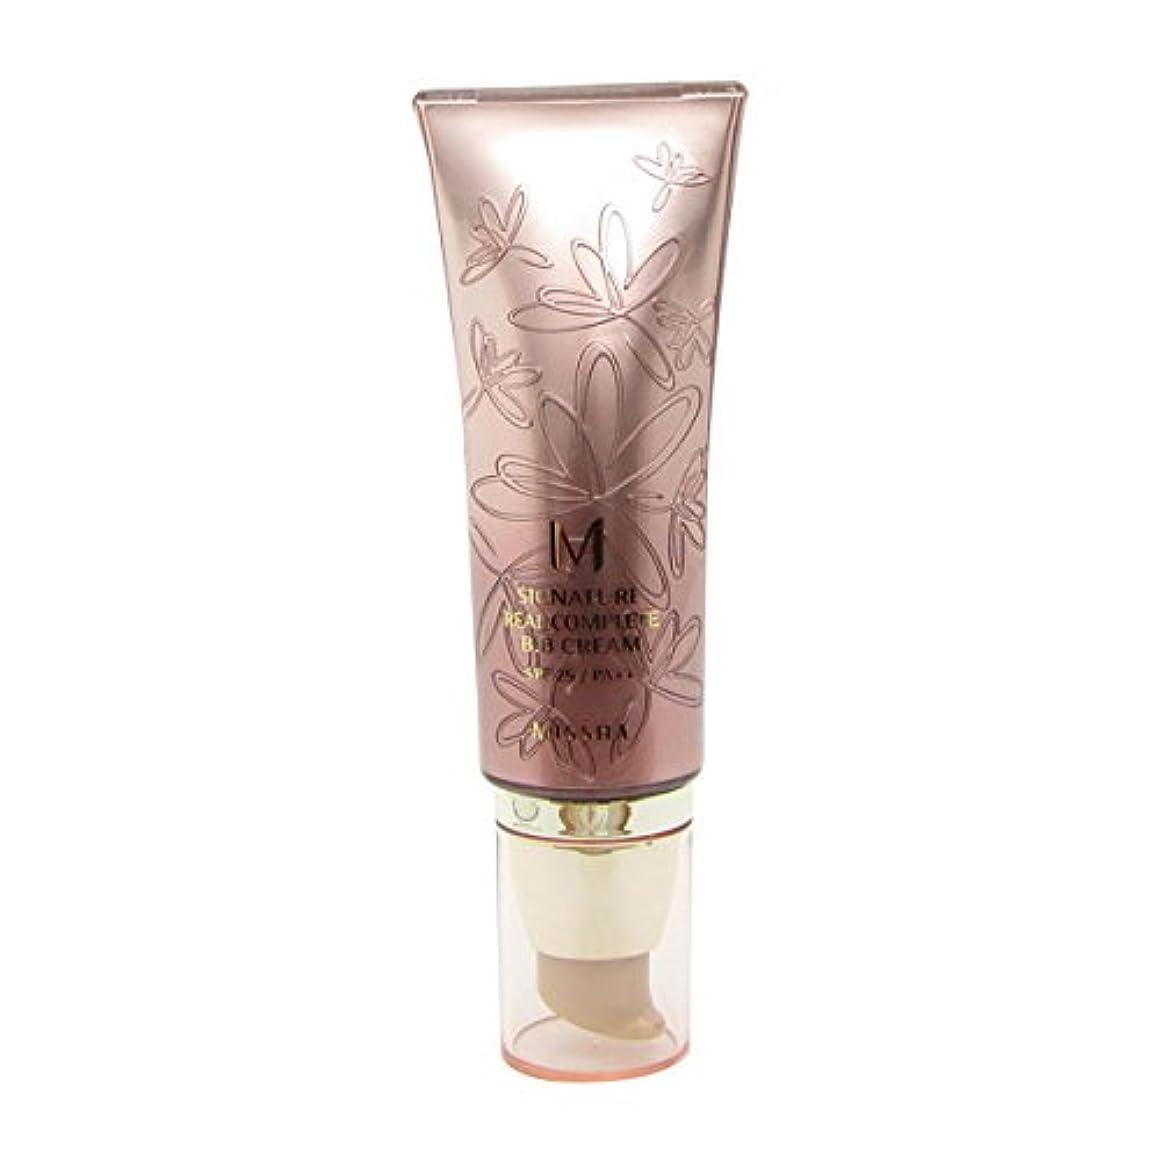 折り目芸術資格Missha Signature Real Complete Bb Cream Fps25/pa++ No.13 Light Milky Beige 45g [並行輸入品]